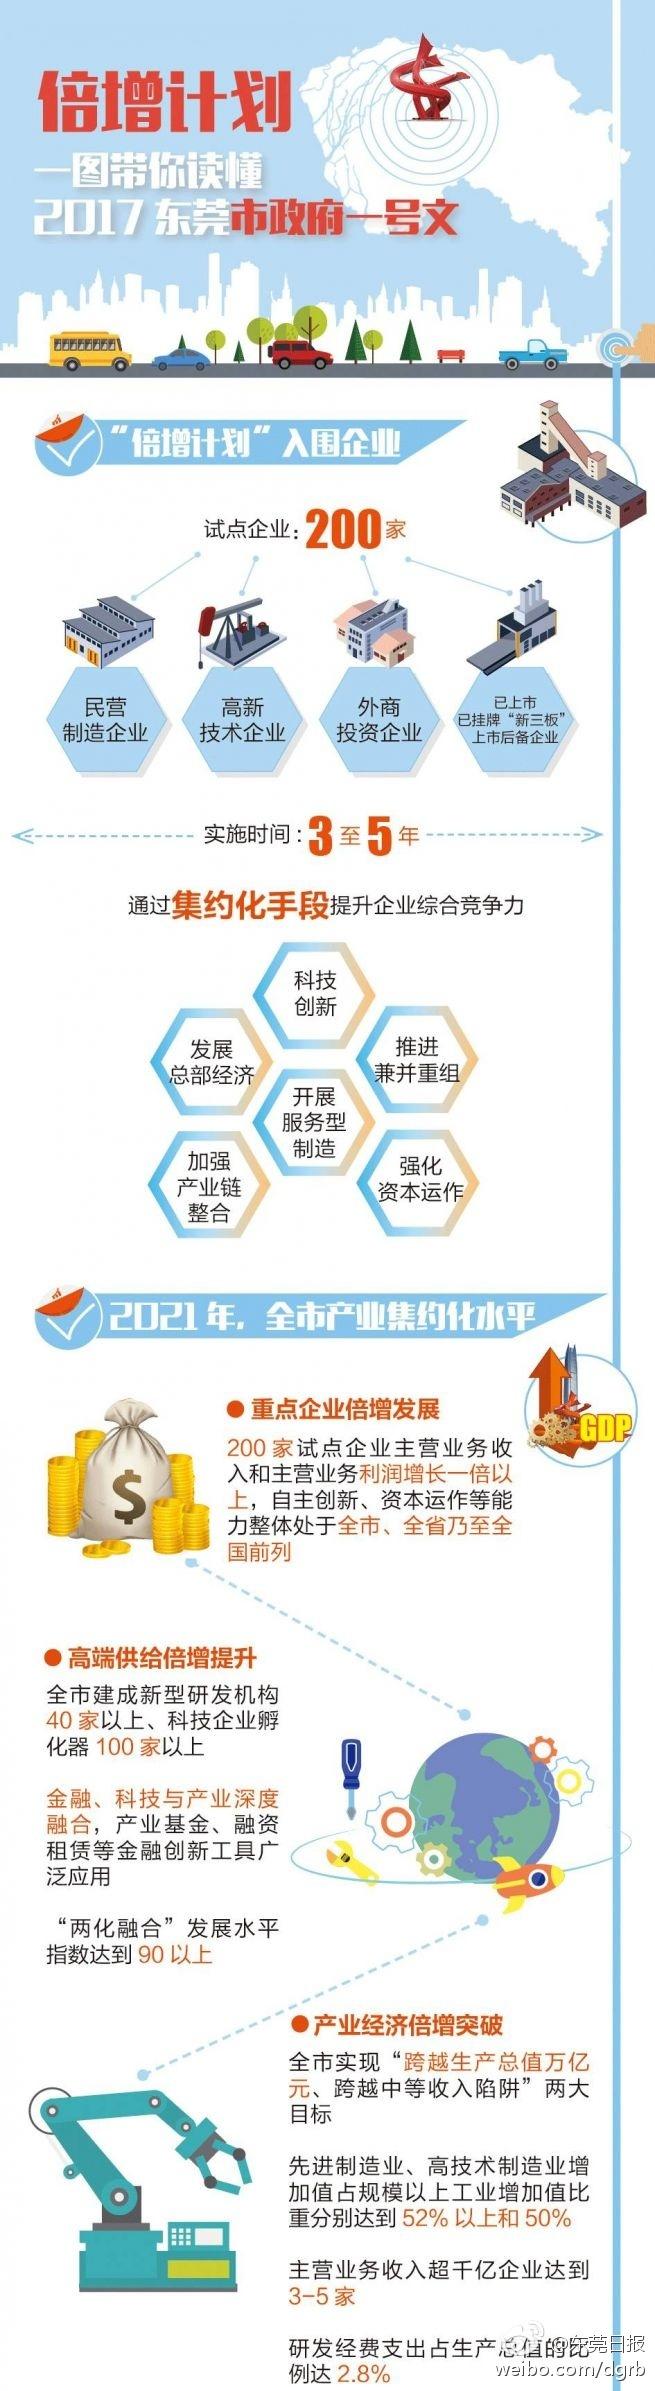 一张图带你读懂东莞市政府一号文